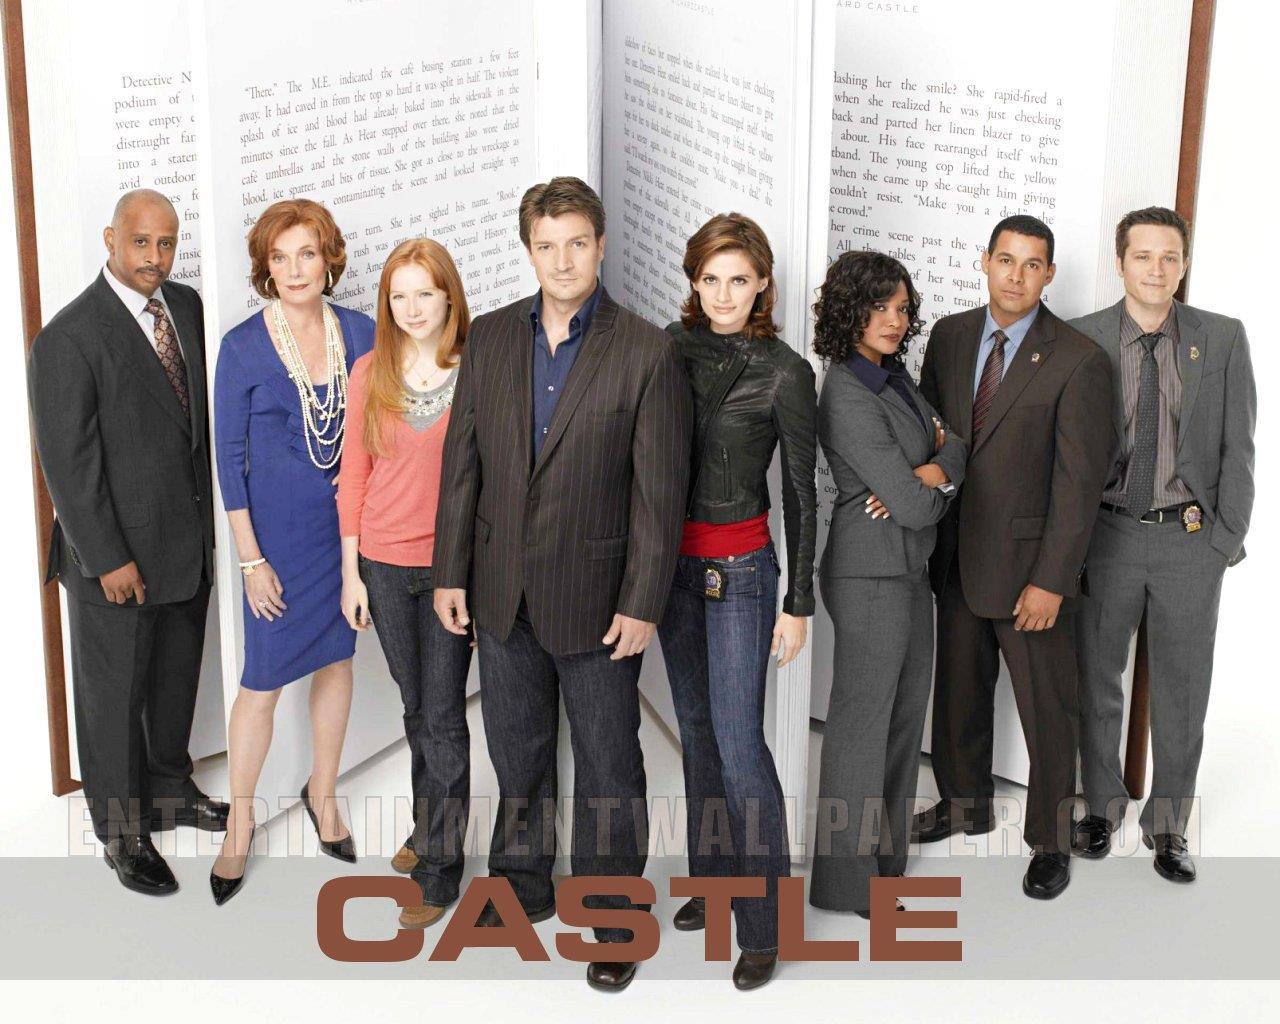 castle-episode-aux-soap-operas